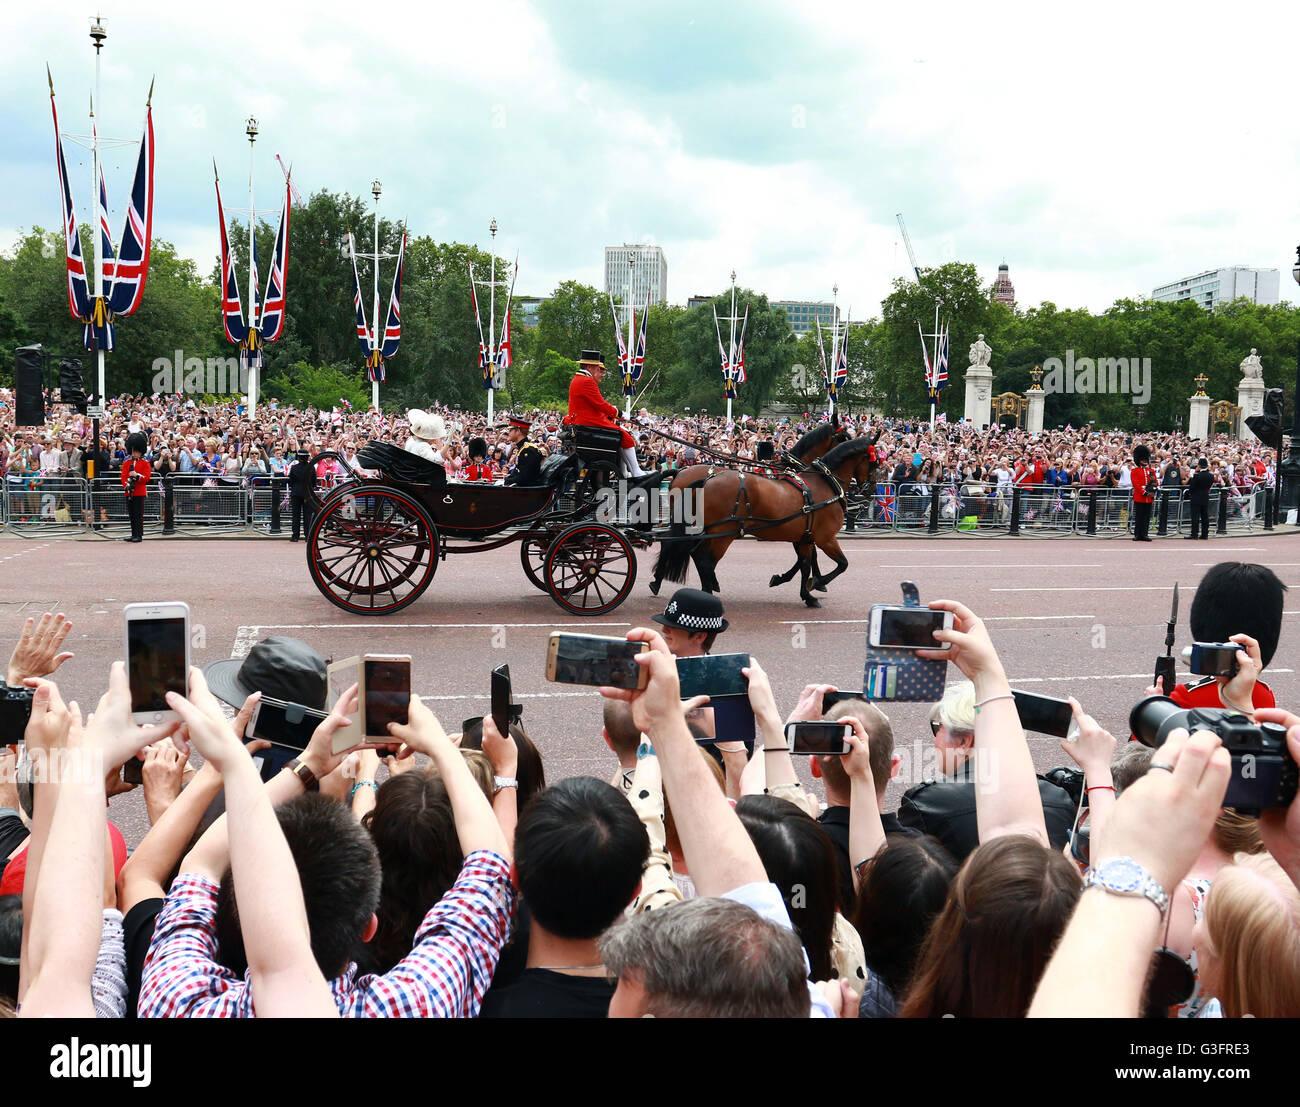 London Uk 11 Juni 2016 Eine Vielzahl Von Waffen Die Die Bilder